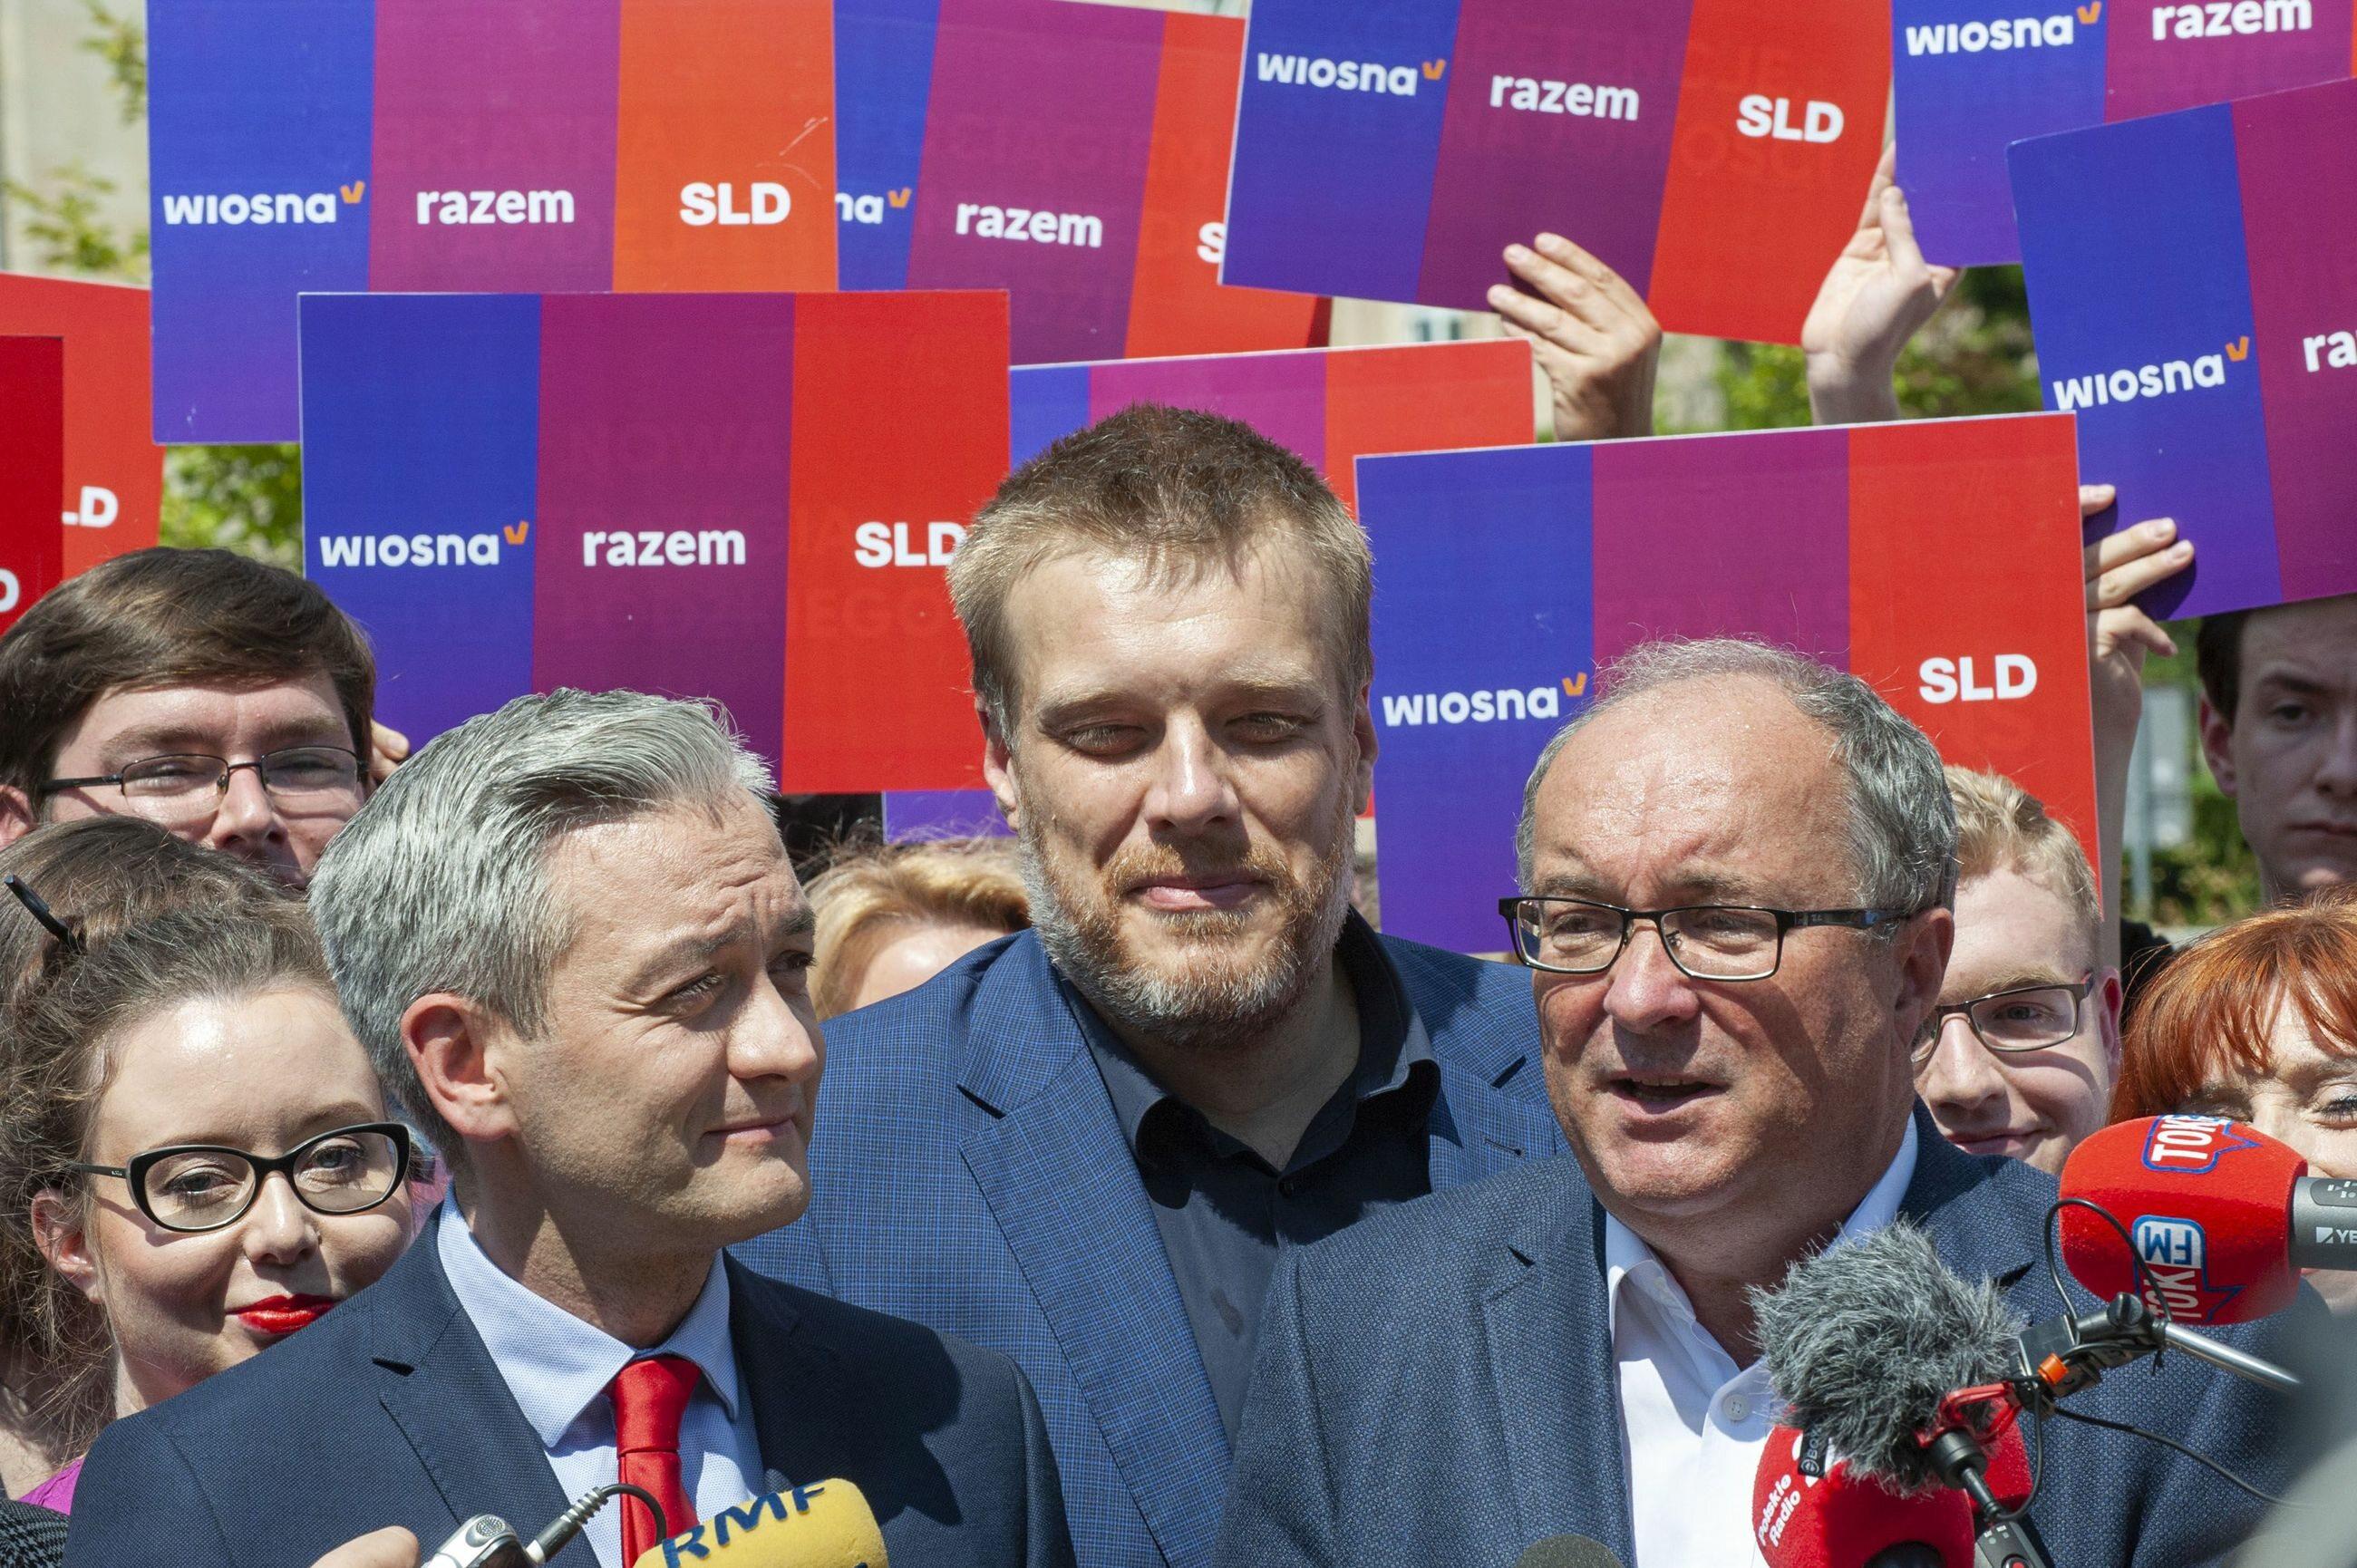 Robert Biedroń, Adrian Zandberg i Włodzimierz Czarzasty